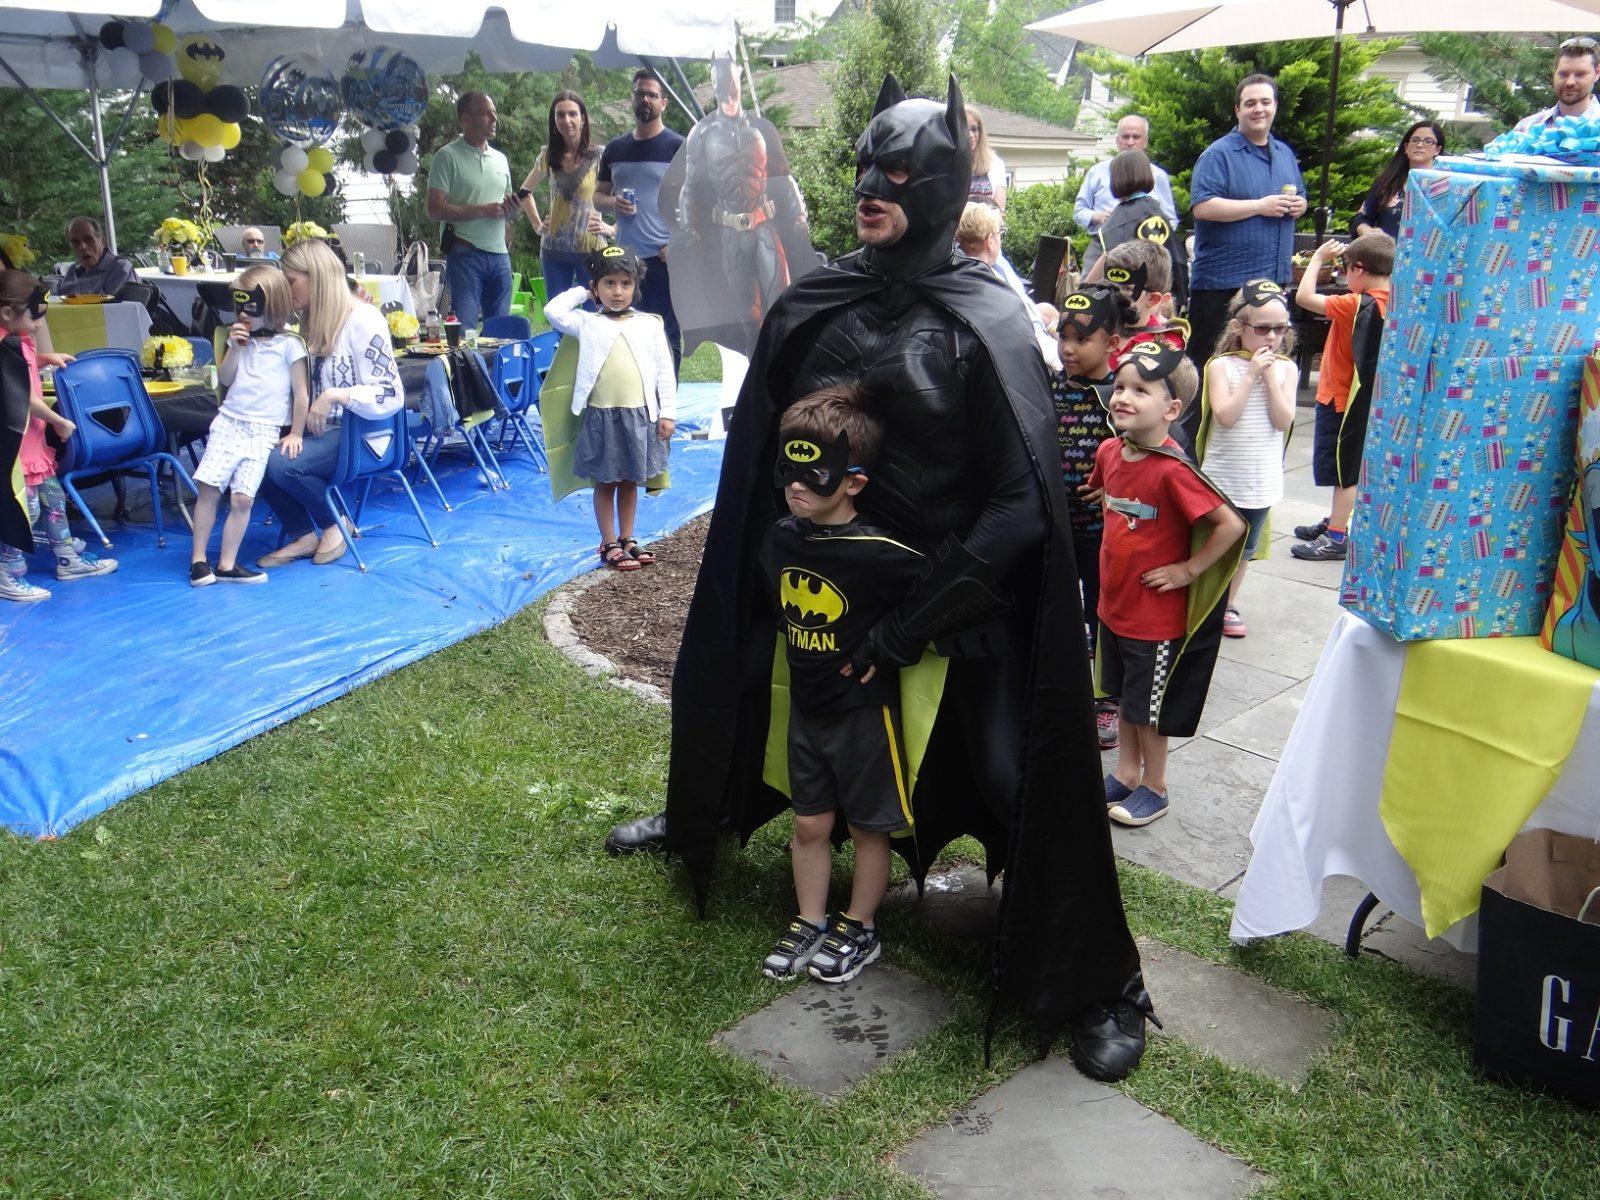 Batman and little batman stricking a pose for the camara